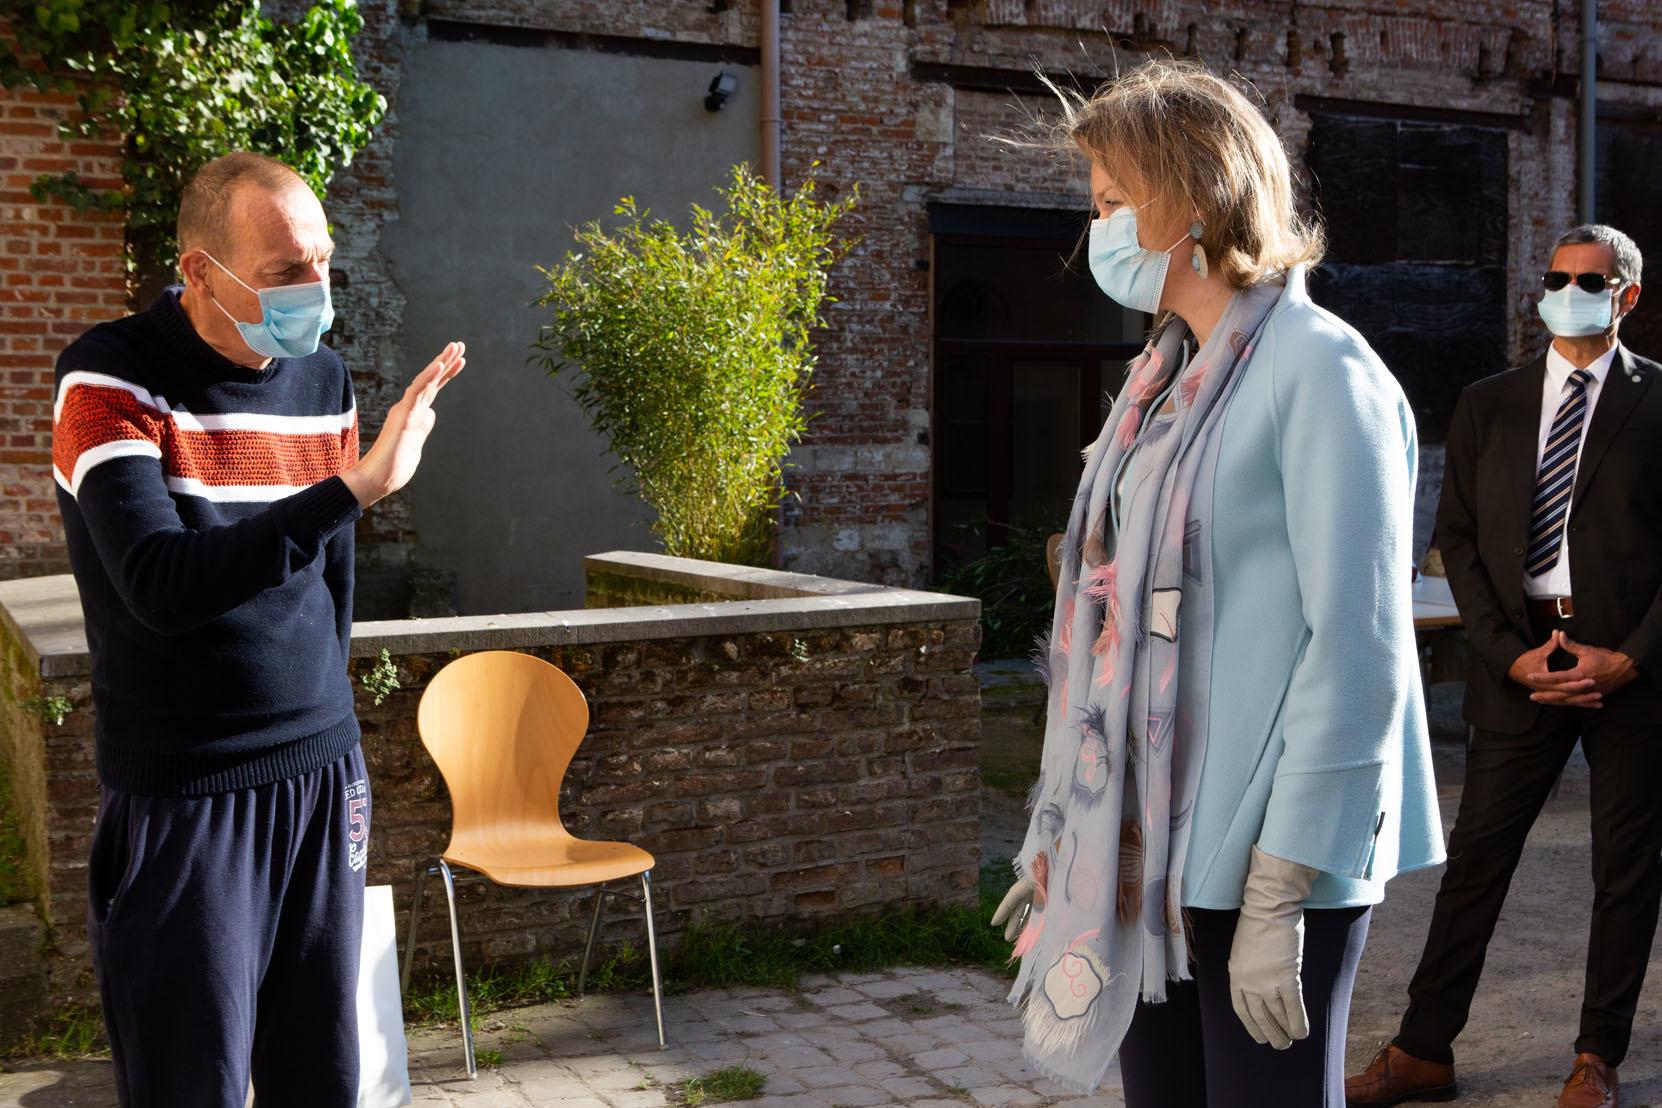 Mathilde et Eleonore à la rencontre de sans abri, le 14 mai 2020 à Bruxelles, Belga Images